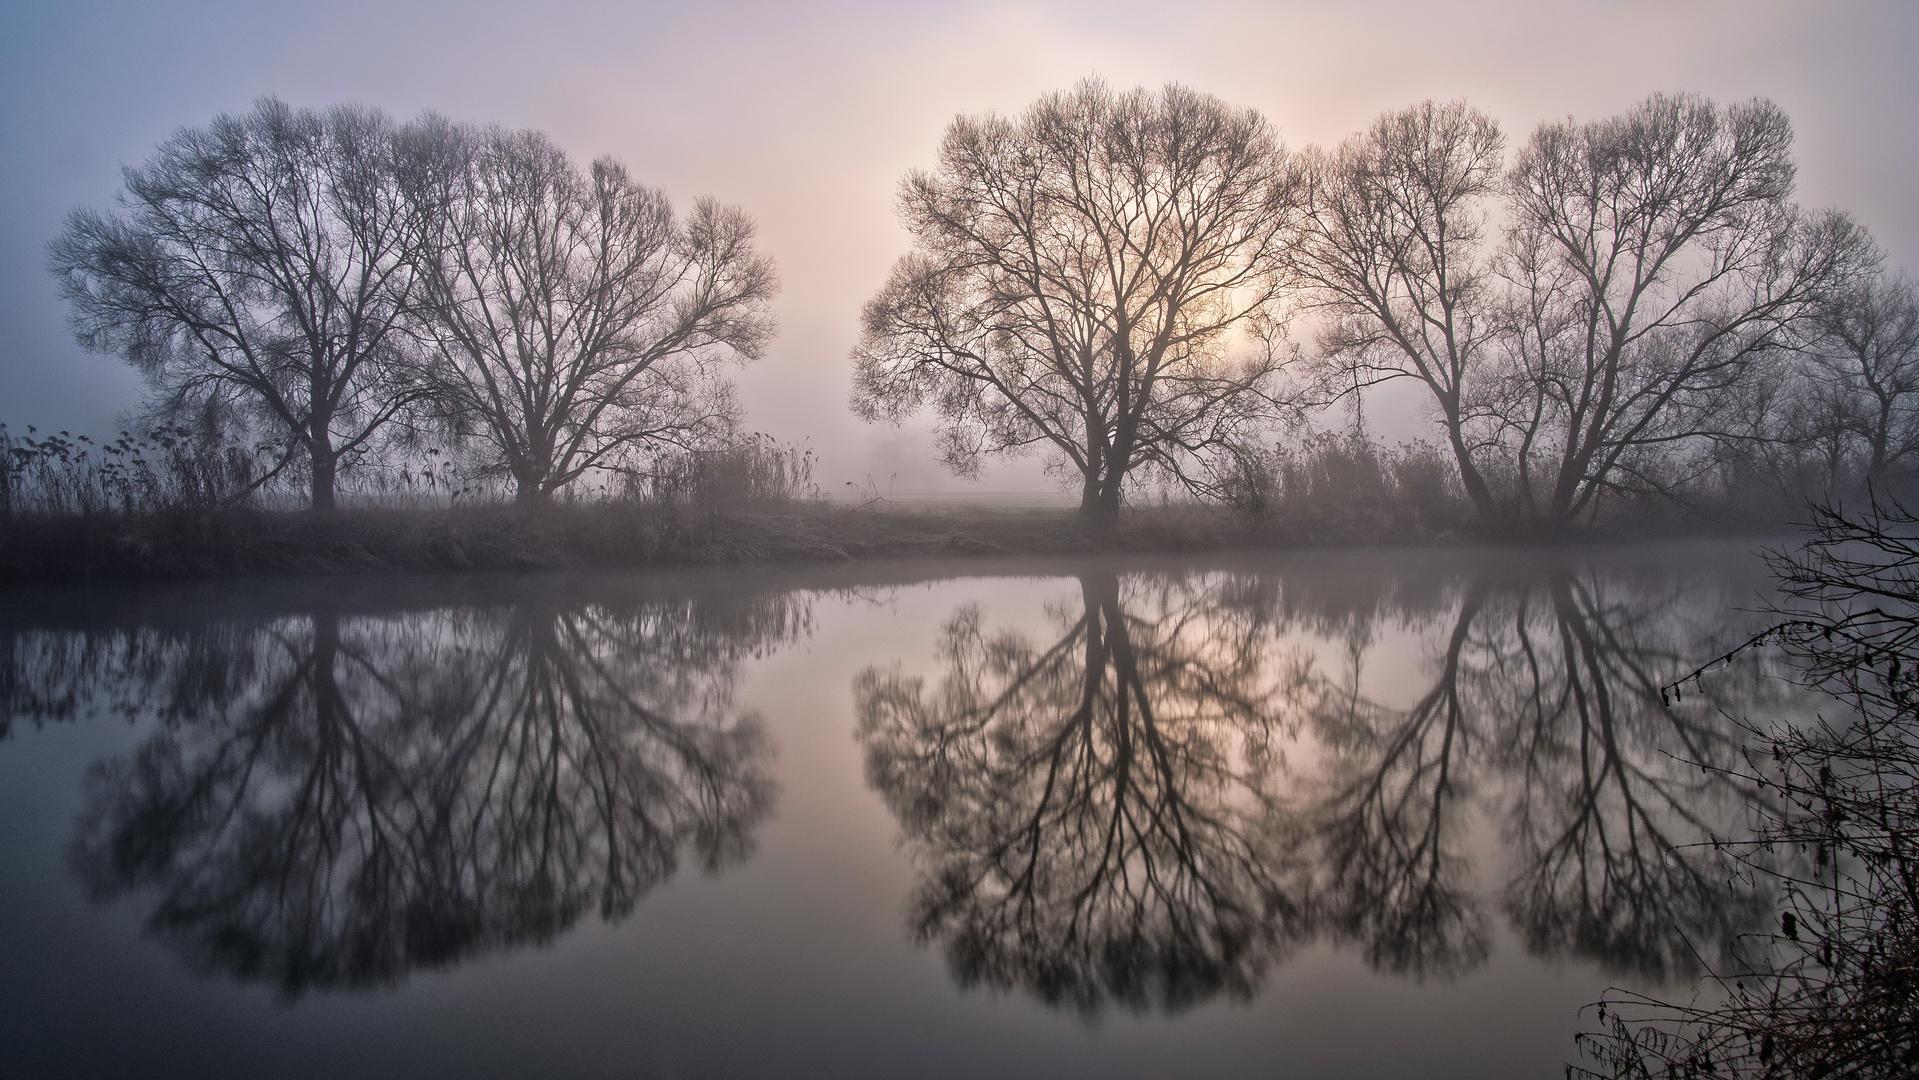 Spiegelbäume im Nebel